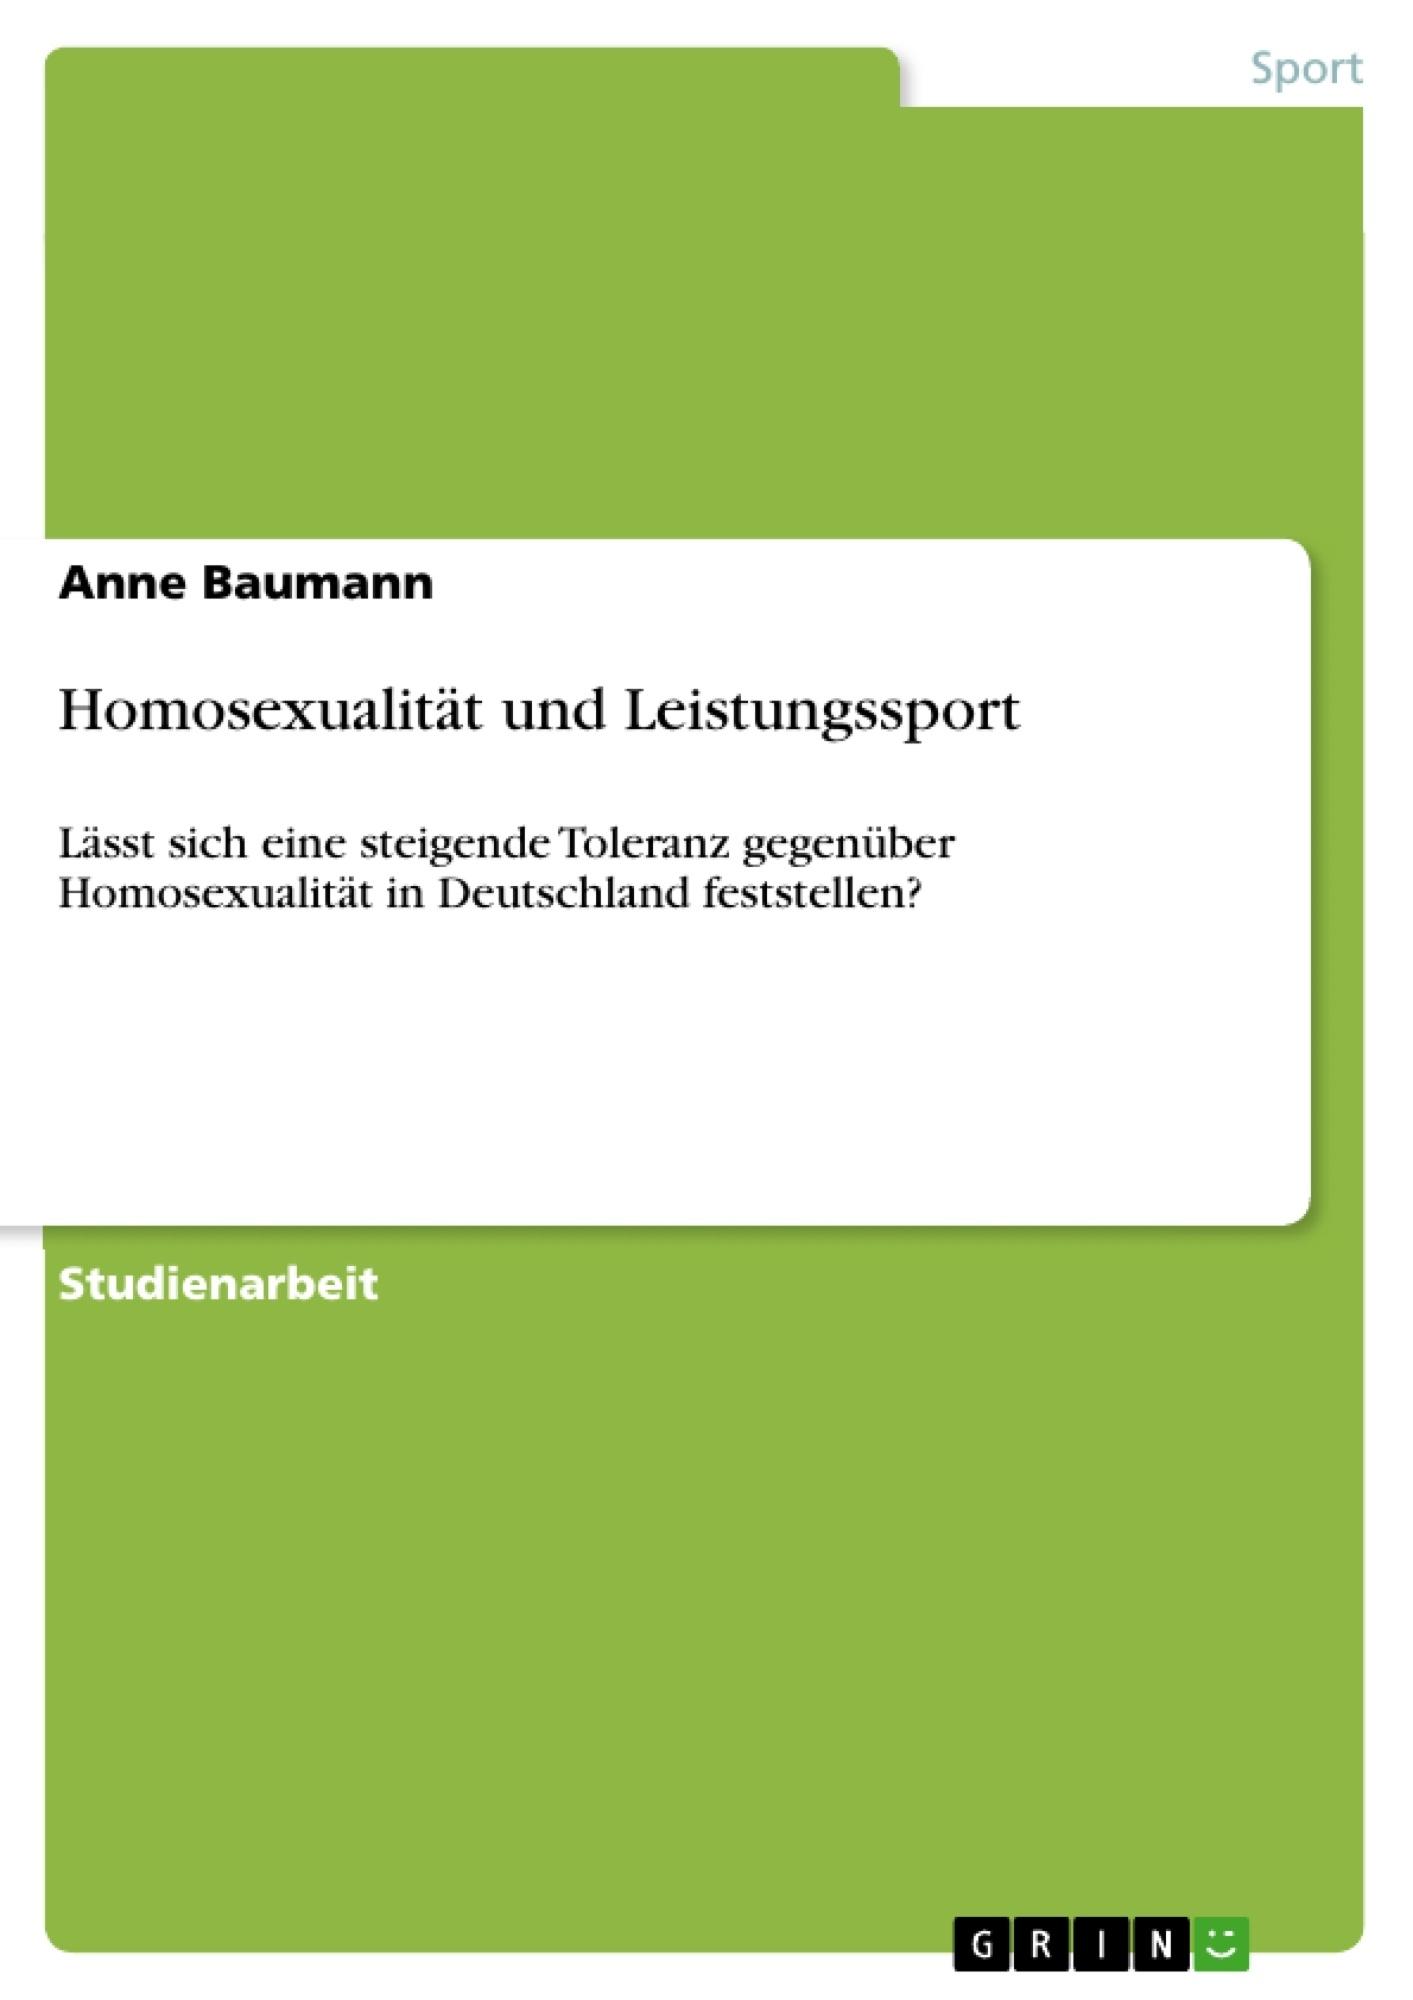 Titel: Homosexualität und Leistungssport